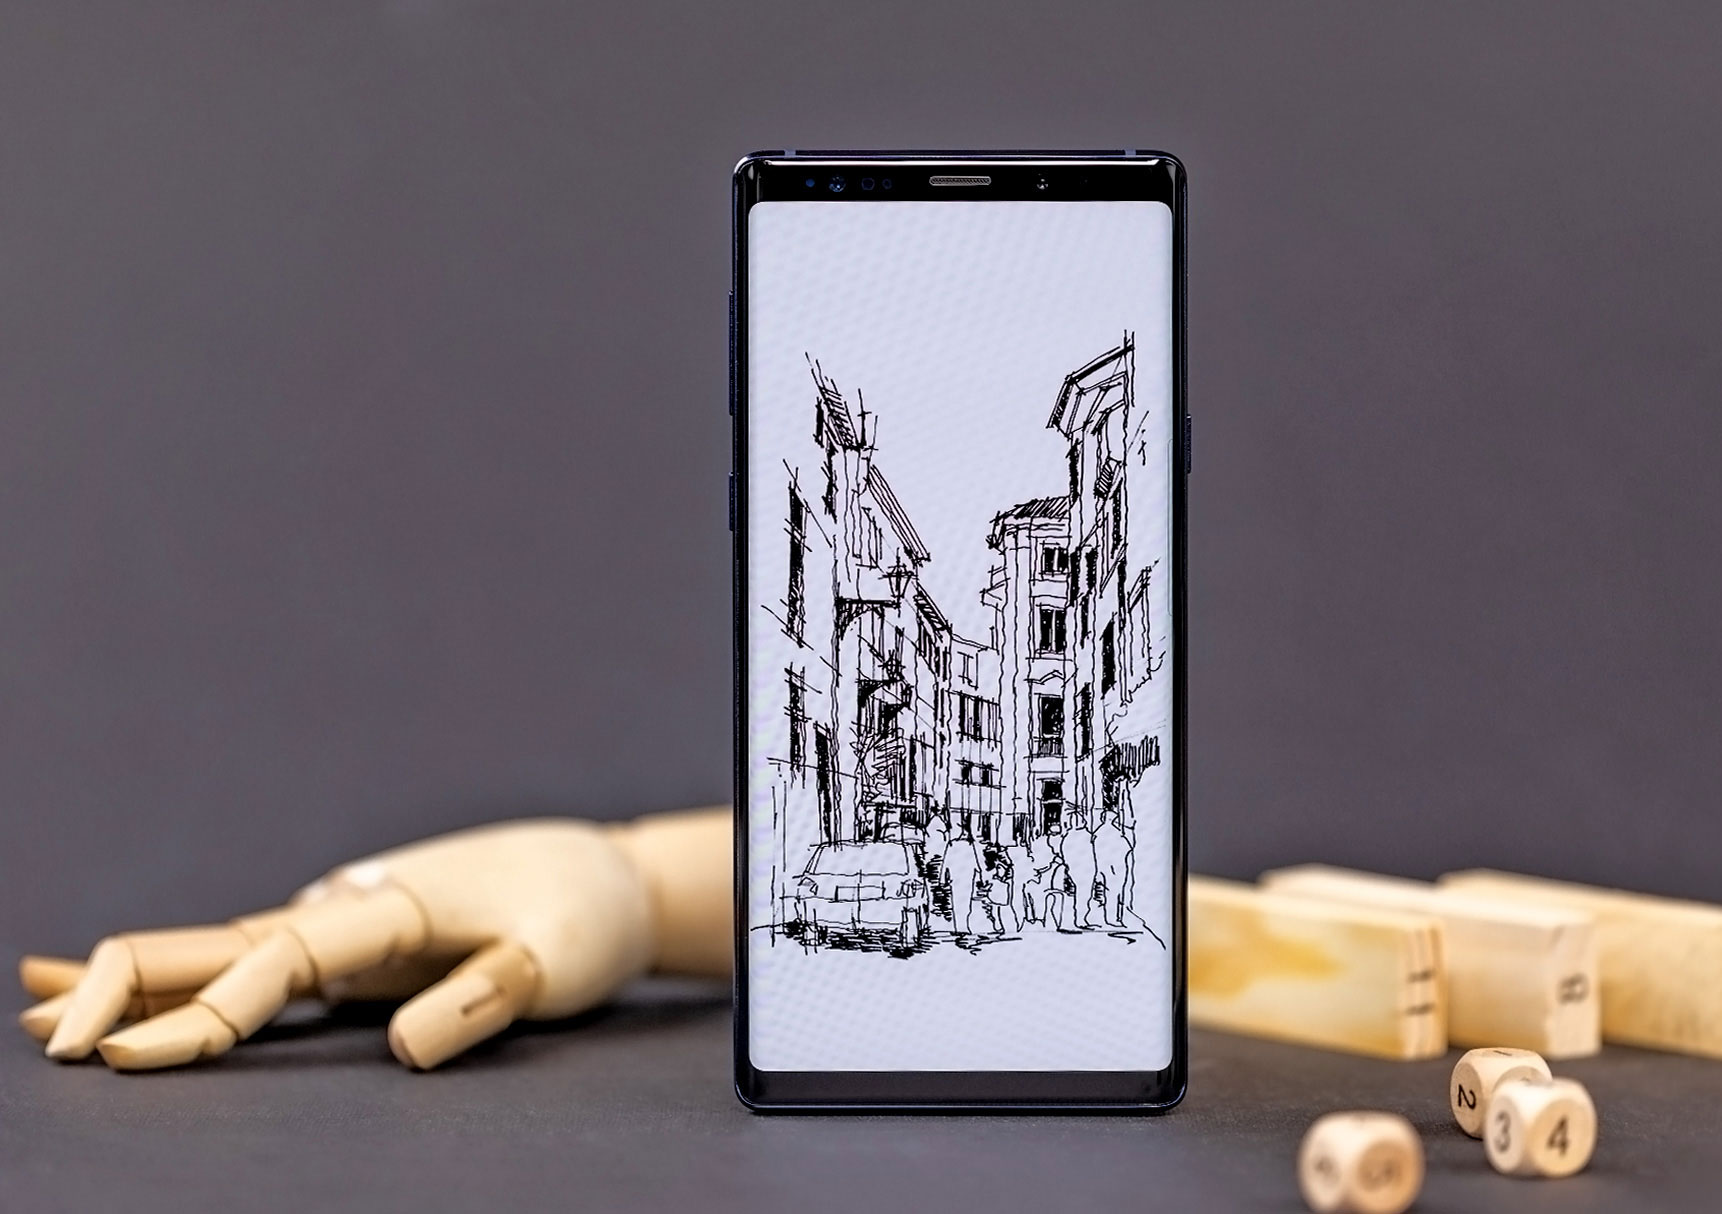 سامسونگ اولین گوشی با حافظه داخلی یک ترابایتی را روانه بازار میکند